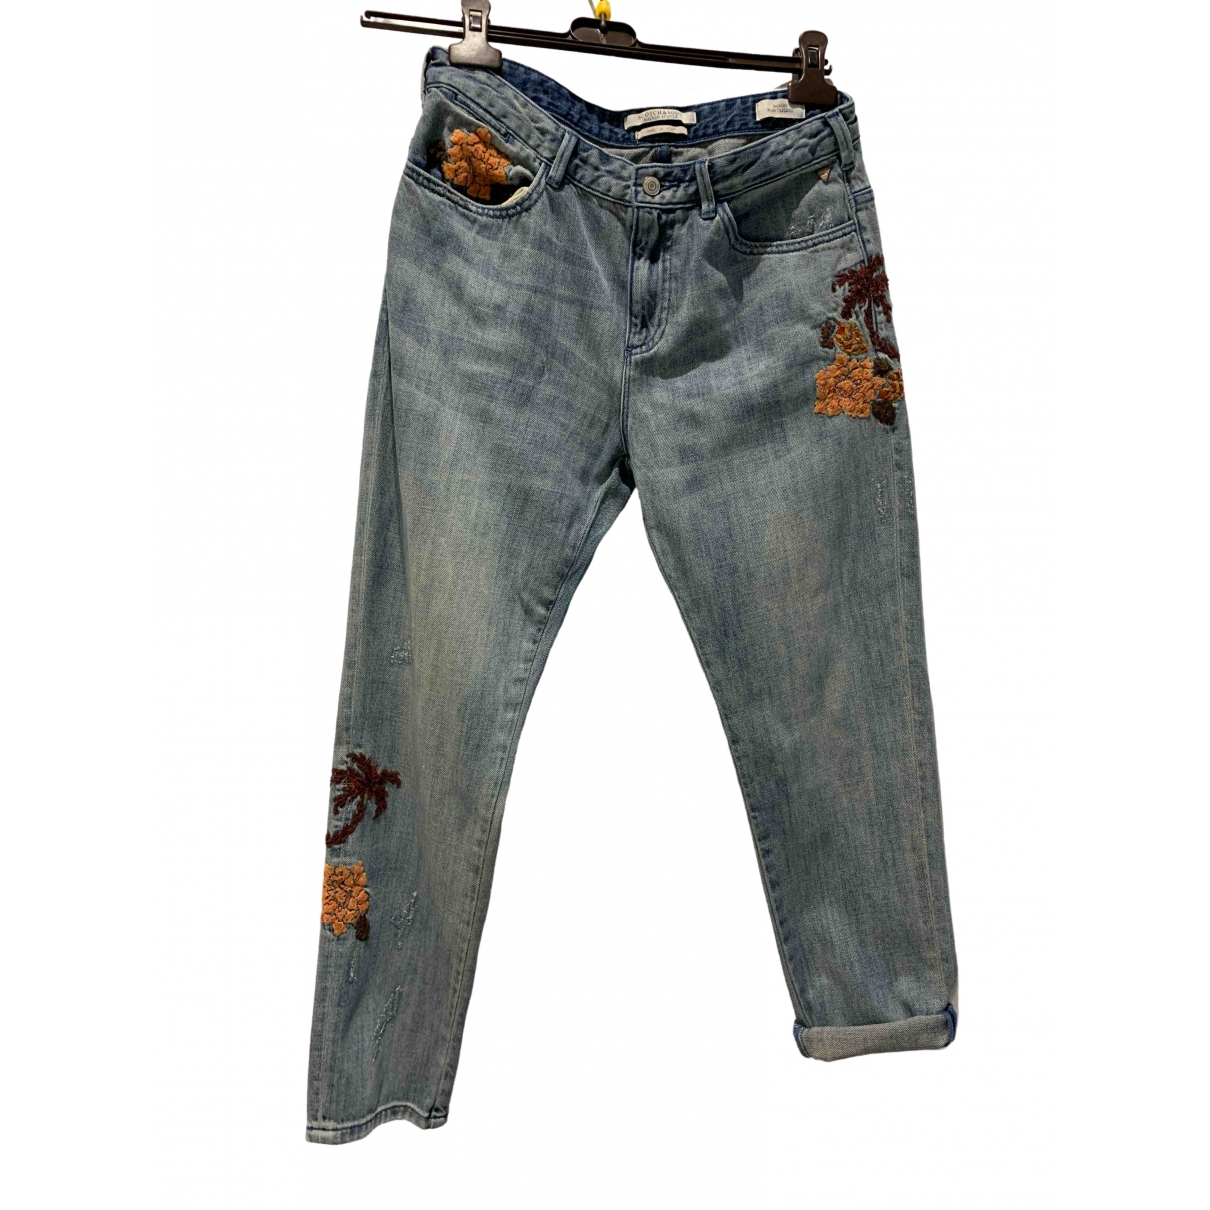 Pantalon en Denim - Vaquero Azul Scotch & Soda